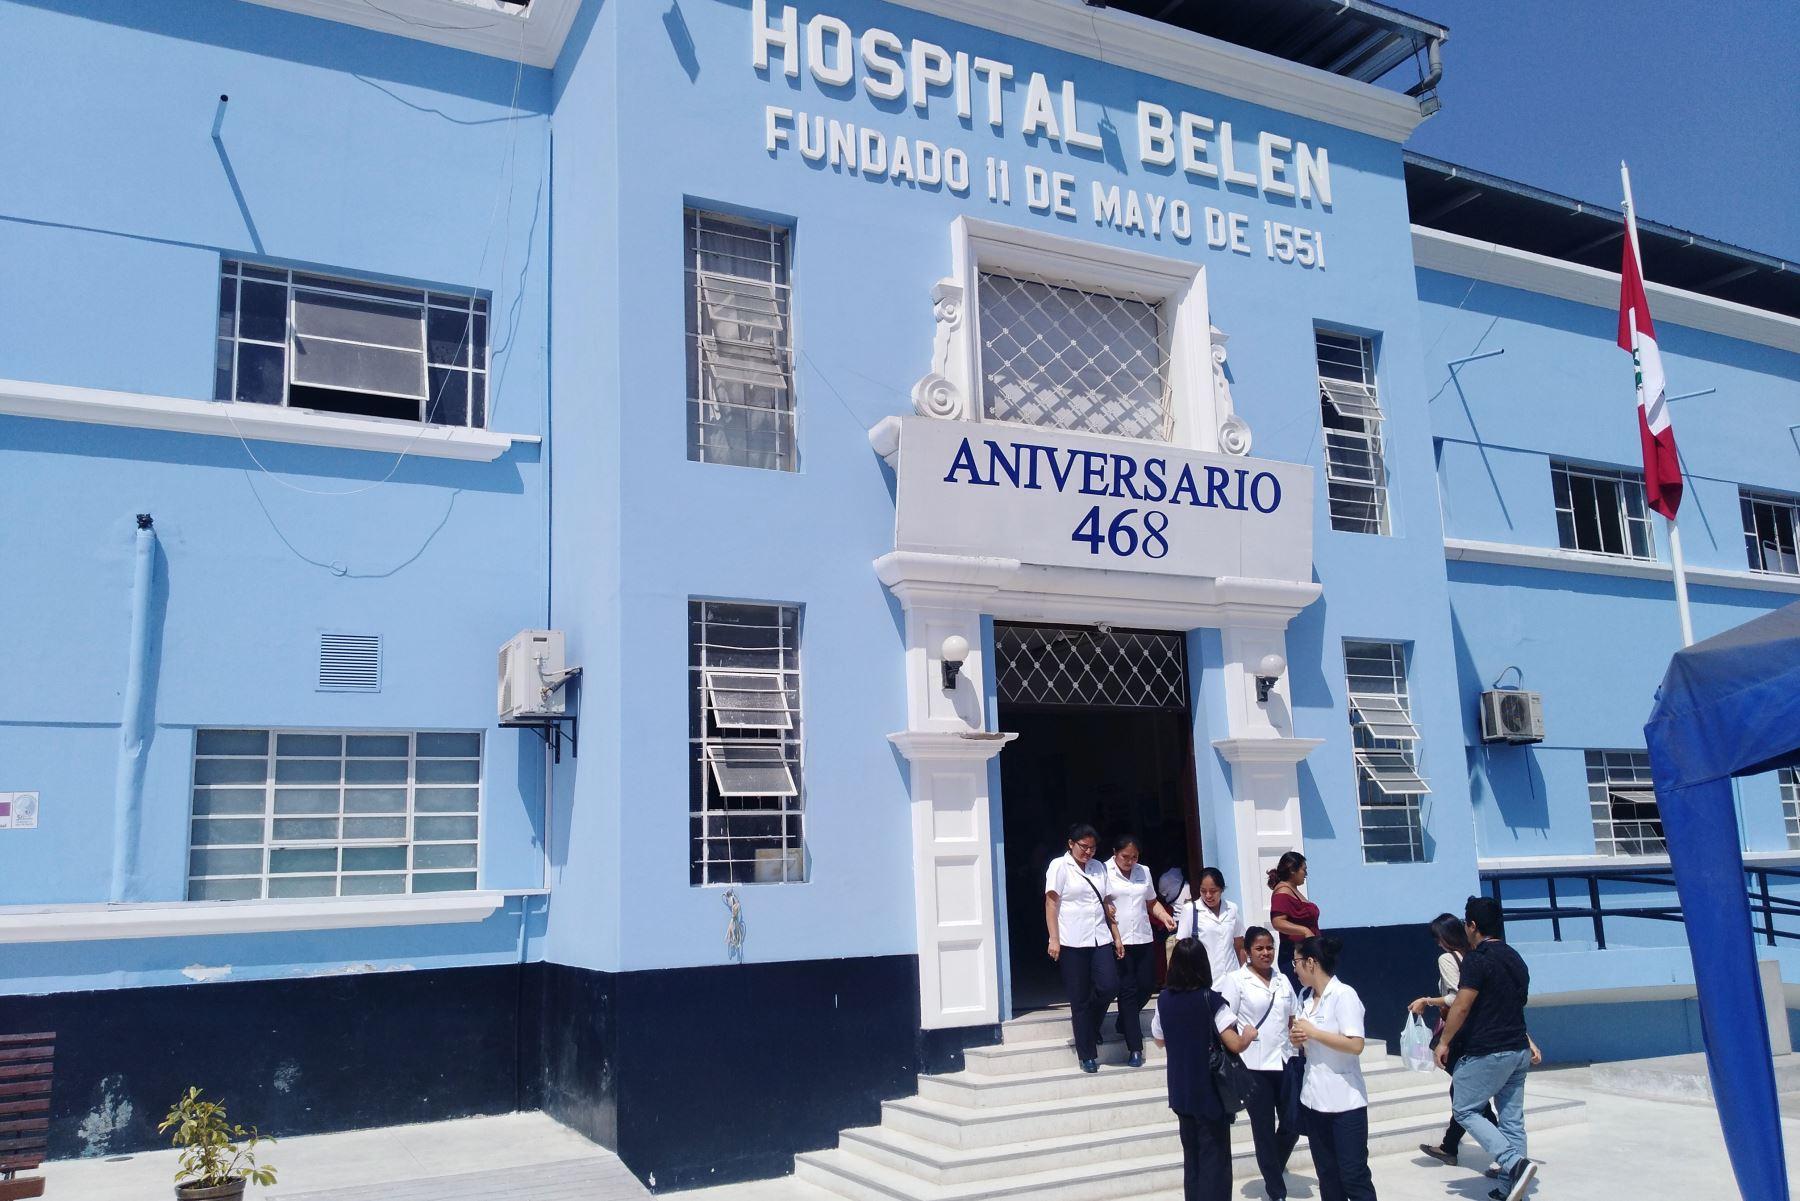 Aseguradoras deben más de S/ 300,000 a hospital Belén de Trujillo, afirma la Defensoría del Pueblo. ANDINA/Difusión